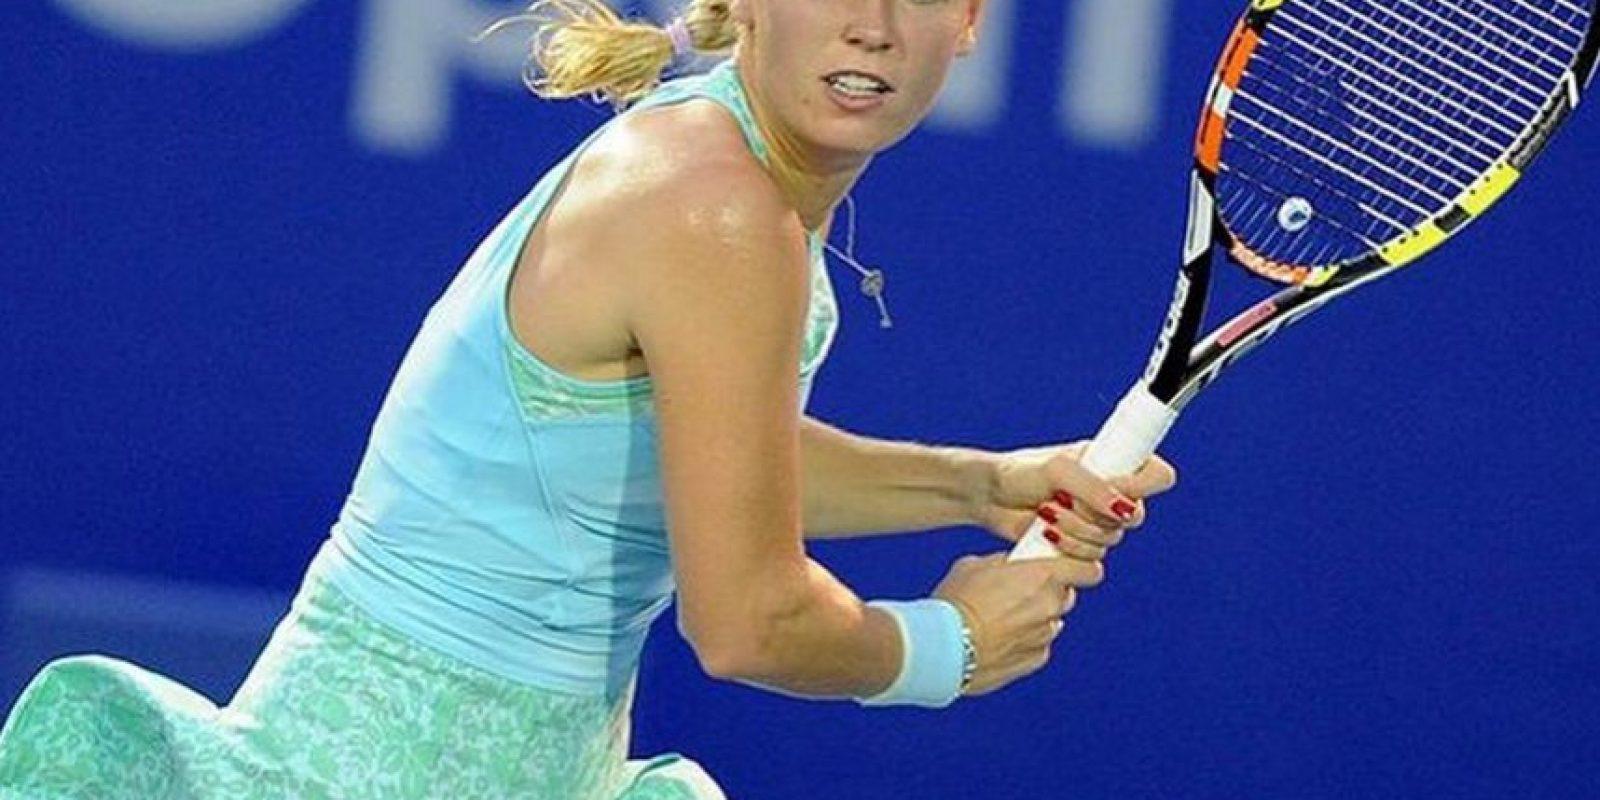 Miren las mejores imágenes de la tenista danesa Foto:Vía instagram/carowozniacki